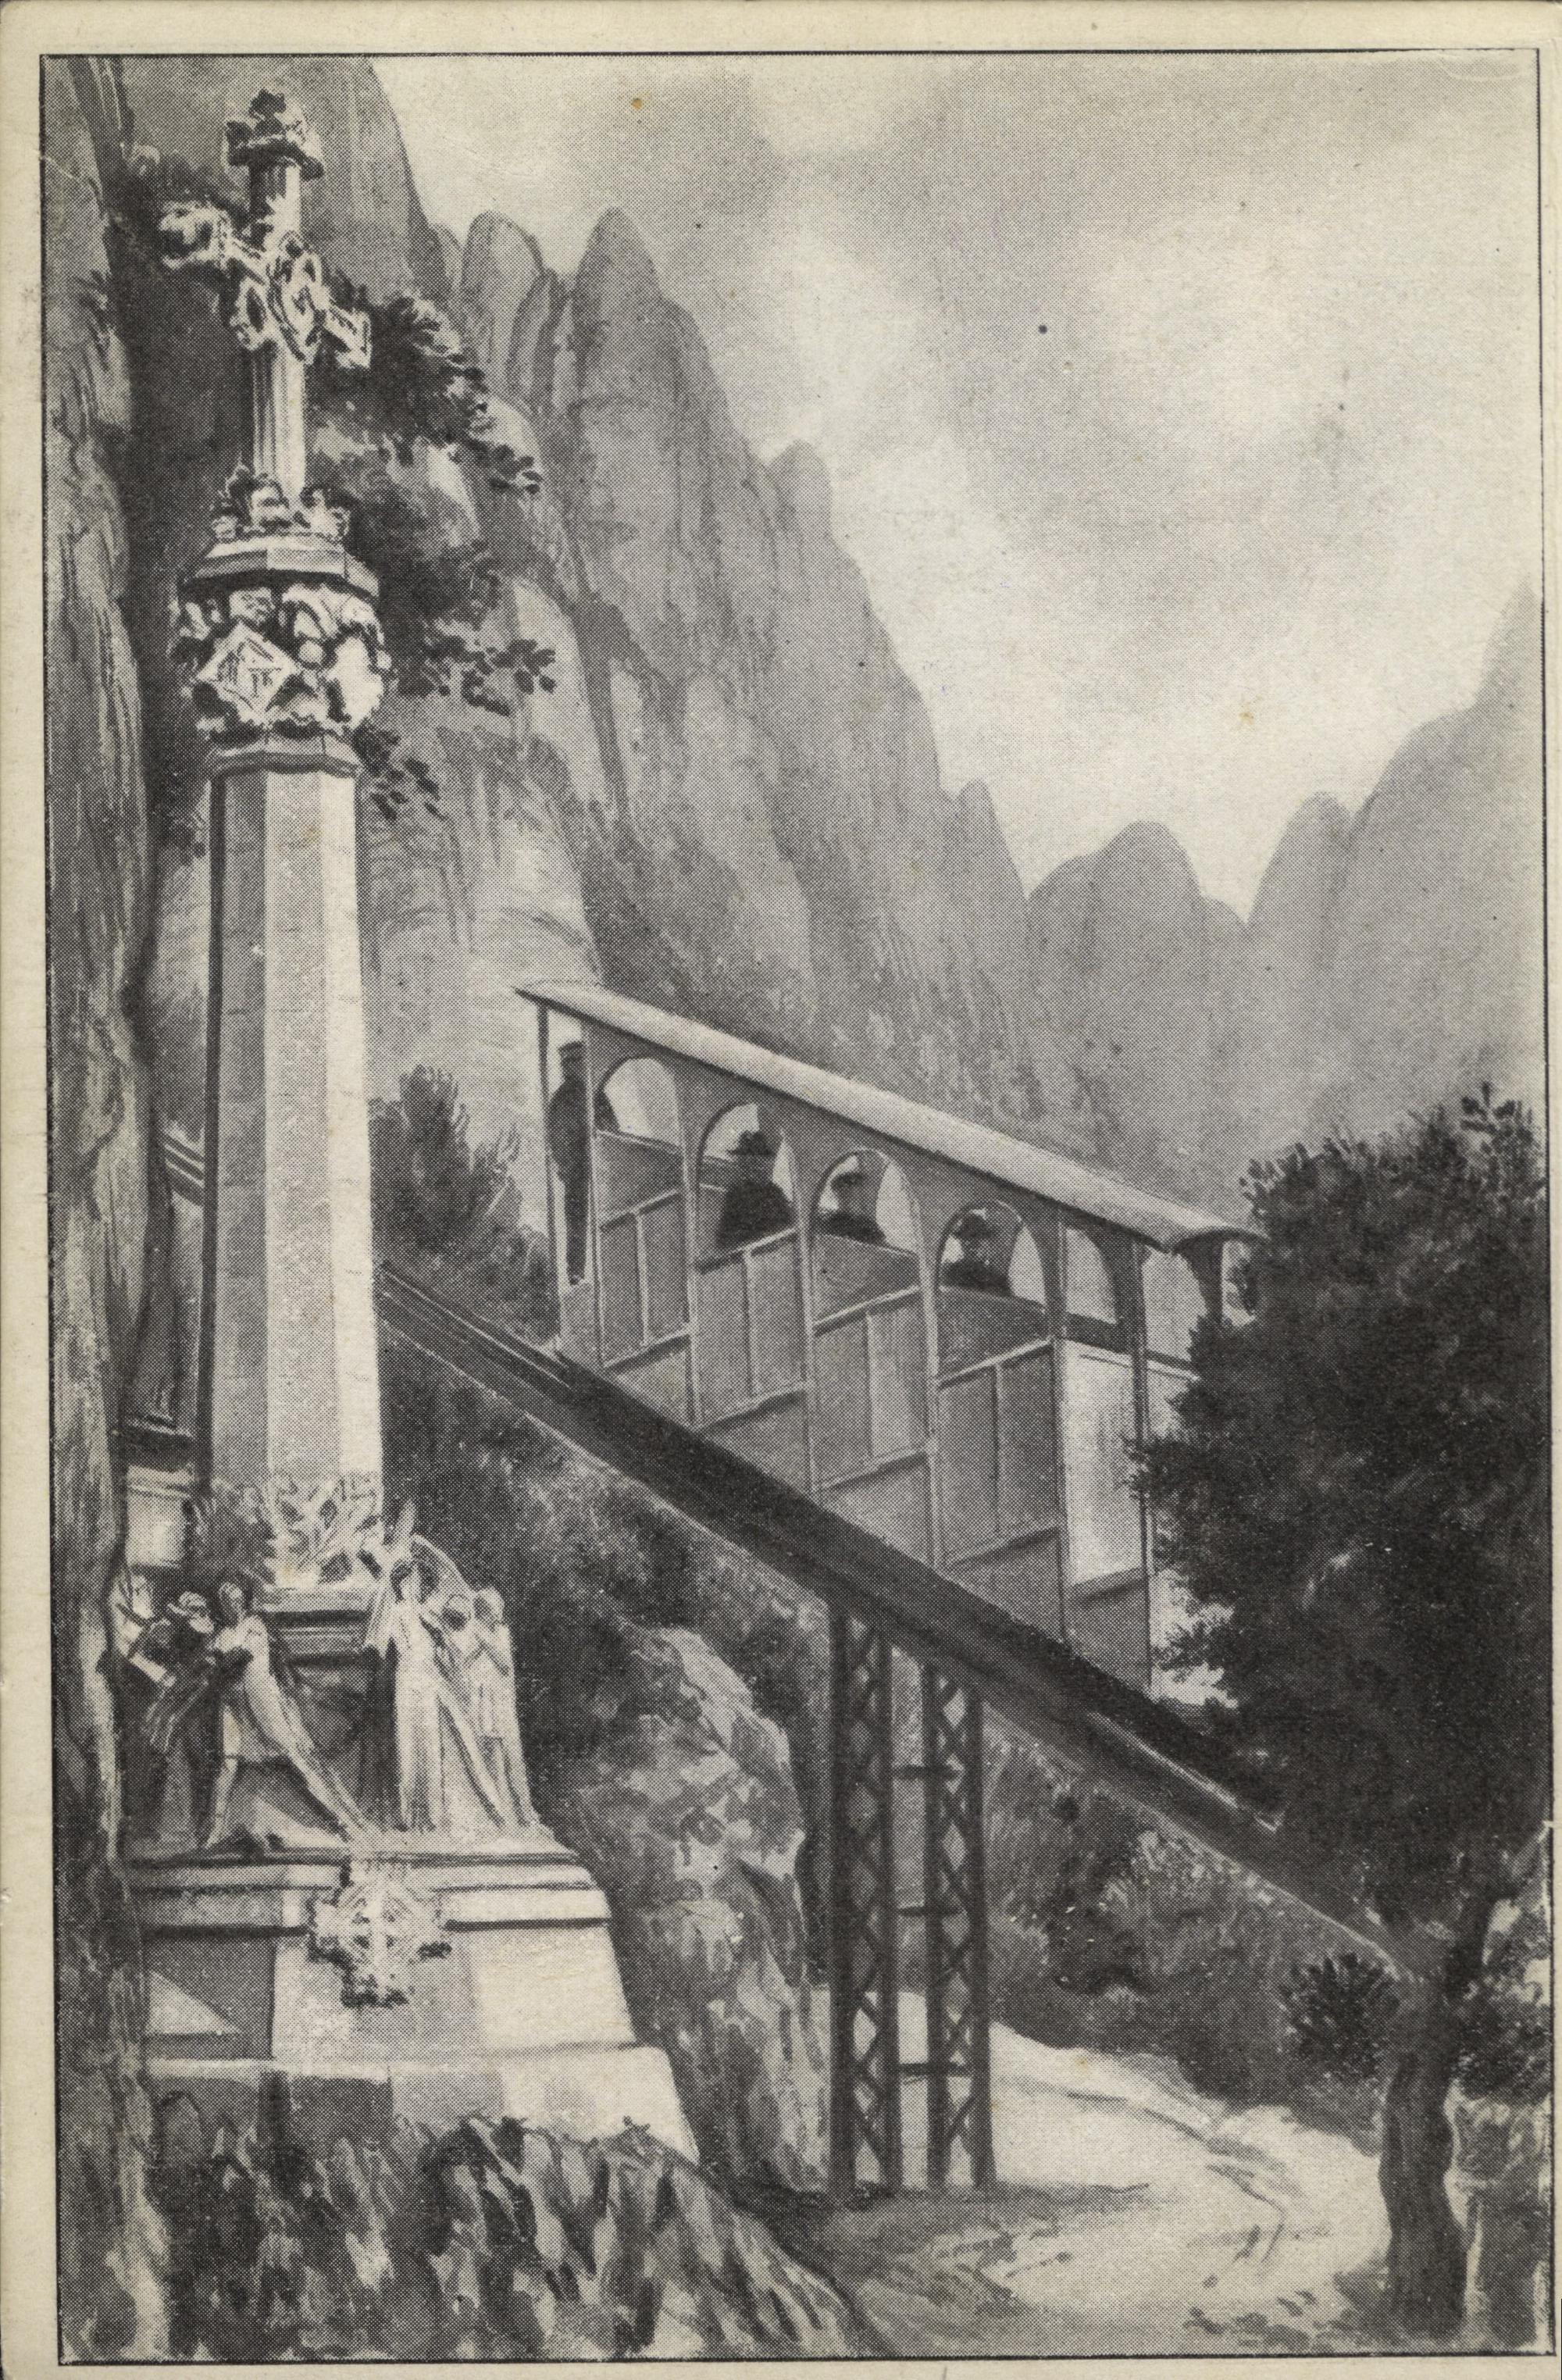 Montserrat album de postals 20101124115749598 girada girada